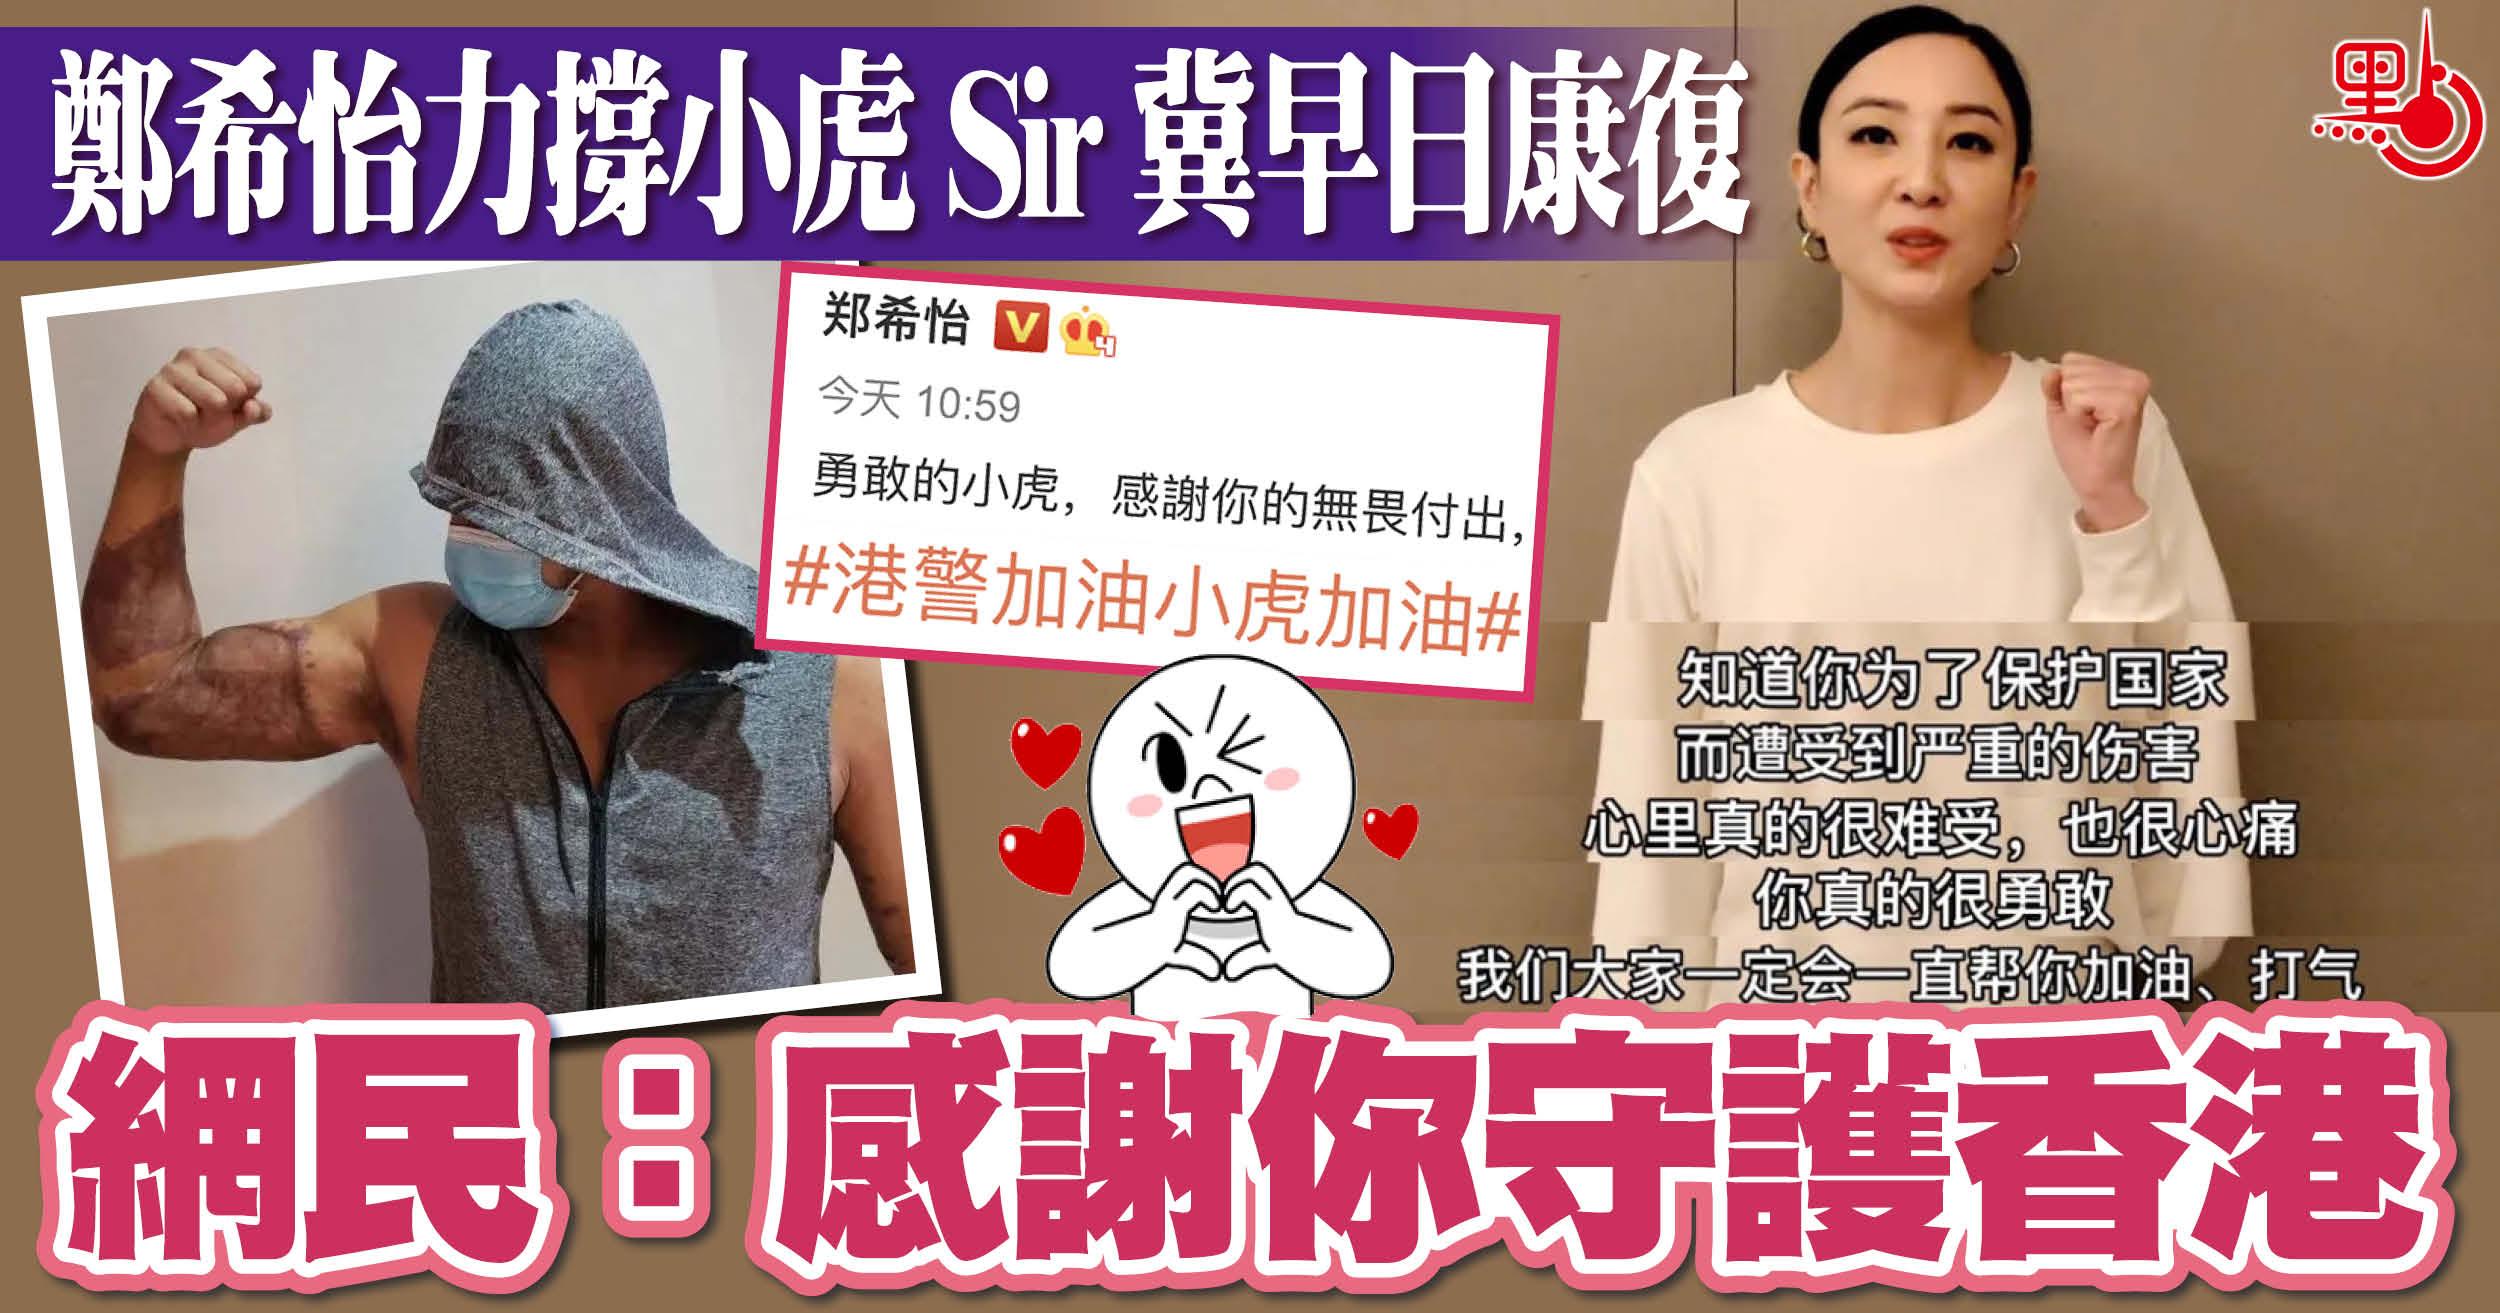 鄭希怡力撐小虎Sir冀早日康復網民:感謝你守護香港- 港聞- 點新聞